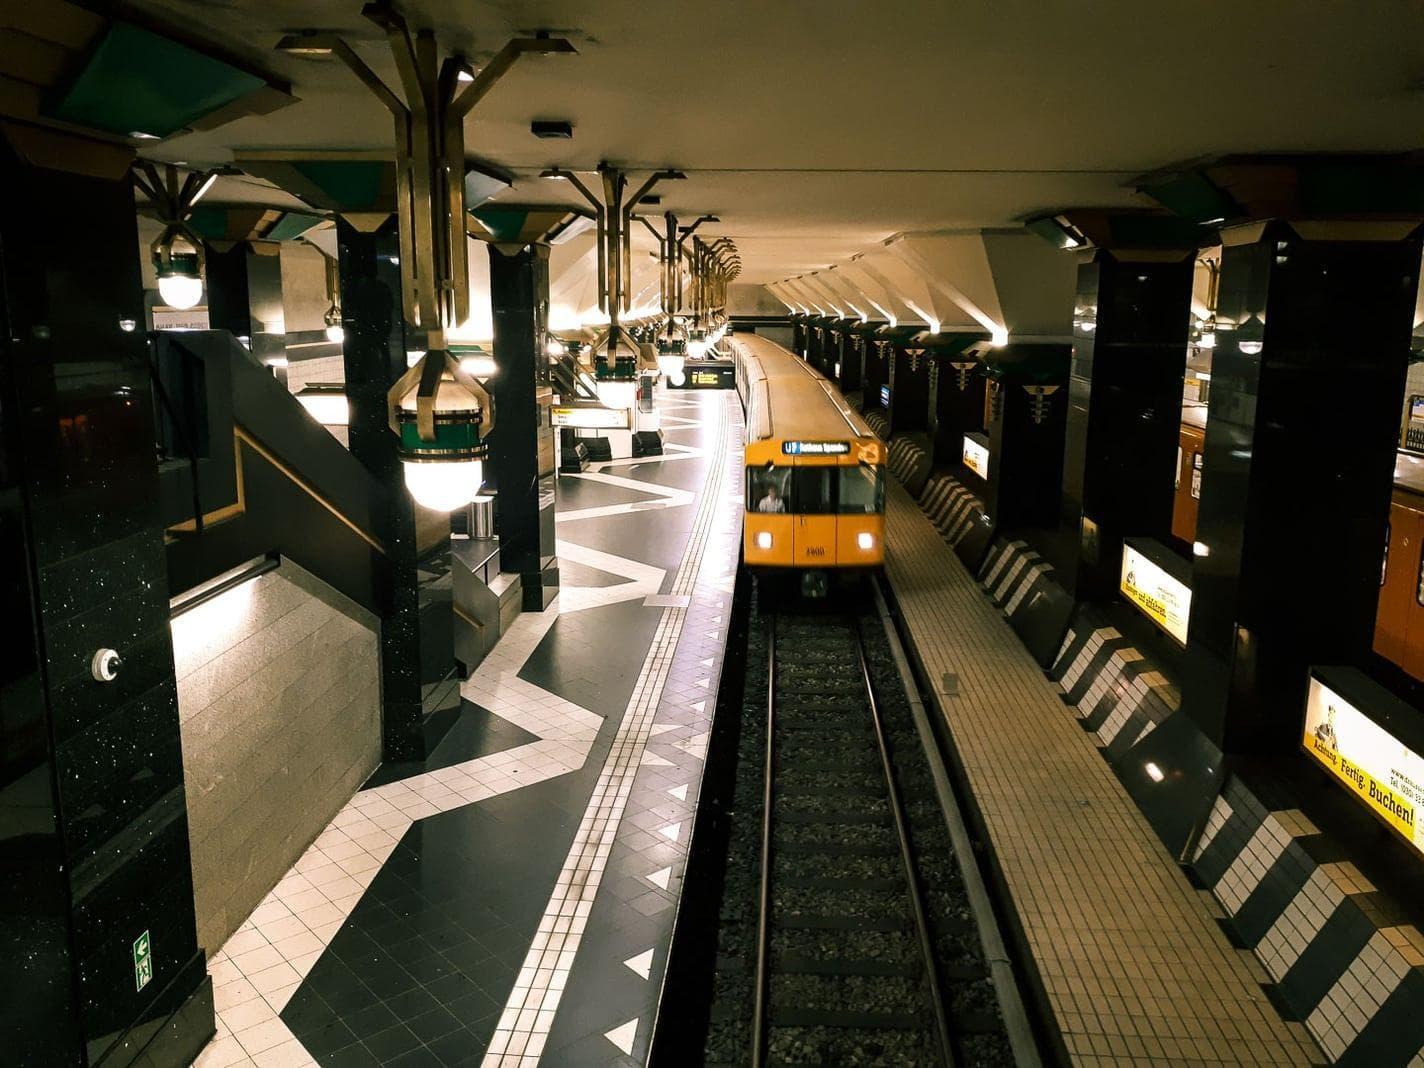 <p><strong>Travelcircus Reisetipp:</strong> Ab der Station T-Centralen finden täglich auch Führungen durch die schönsten Haltestellen statt. Diese Kunstführung ist kostenlos